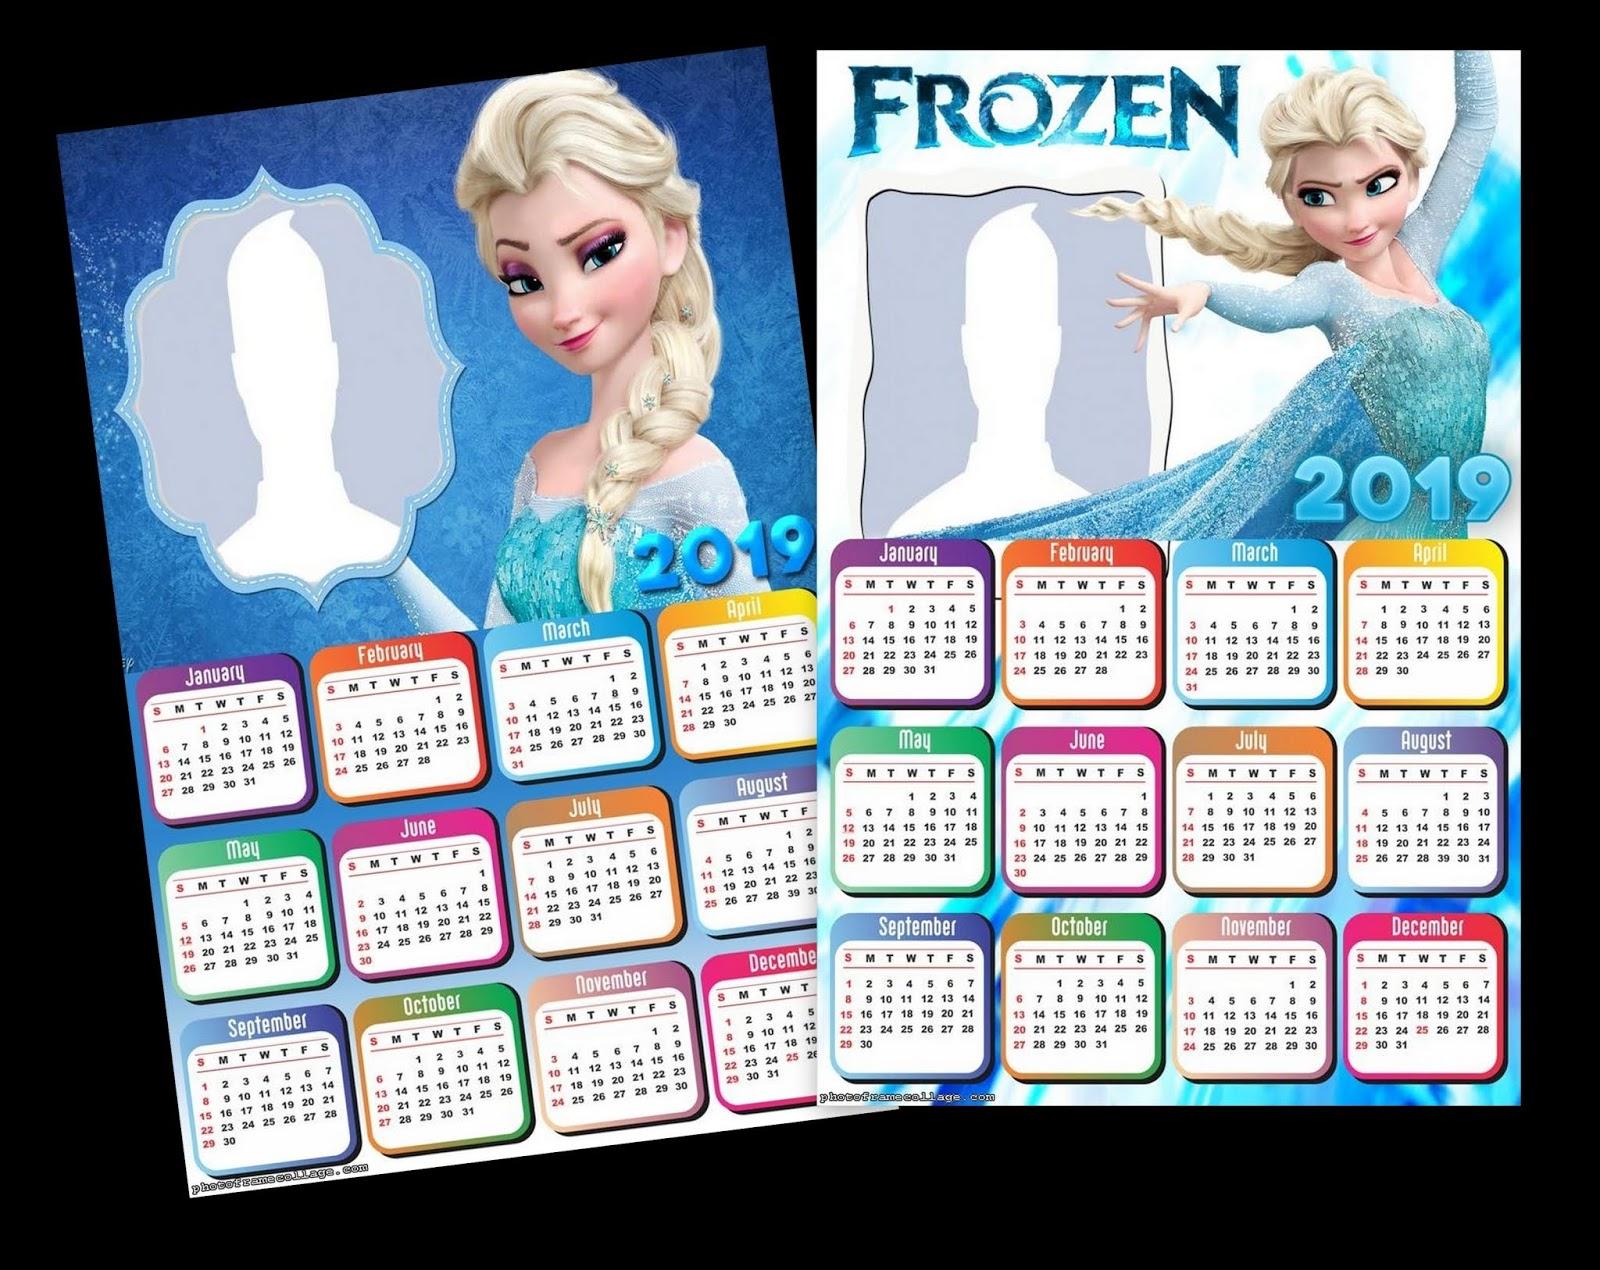 Calendario 2019 Disney Para Imprimir.Calendario 2019 De Elsa De Frozen Para Imprimir Gratis